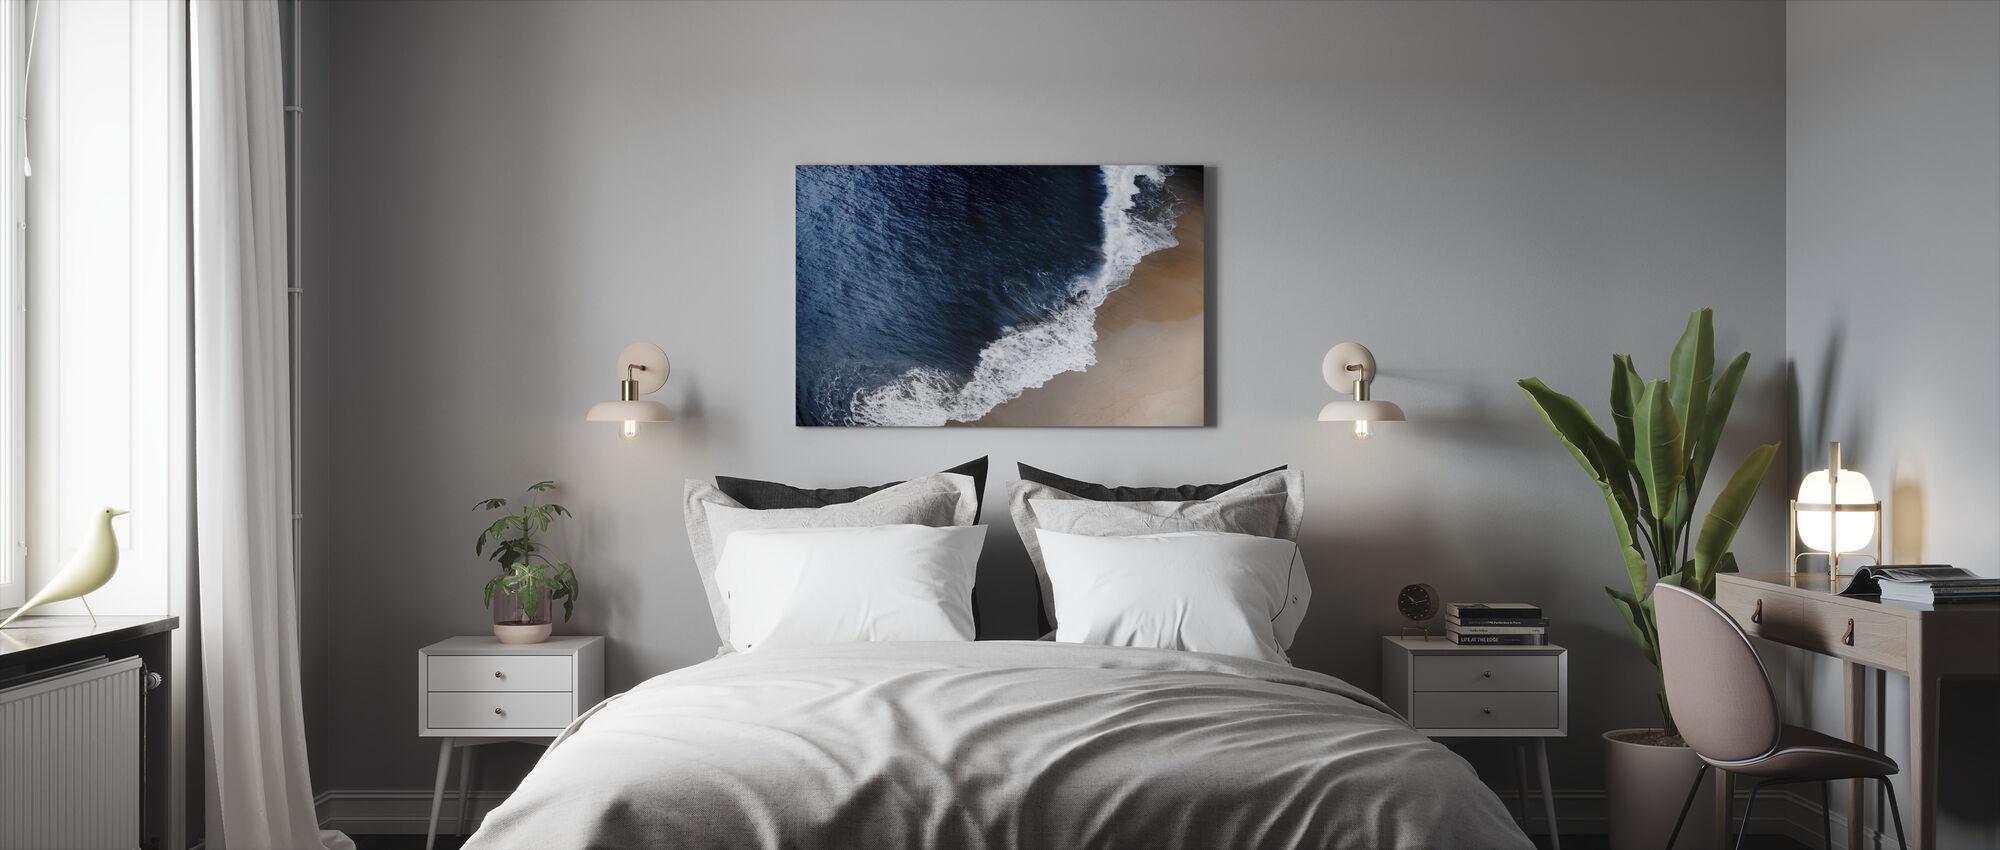 Ocean Waves - Canvas print - Bedroom